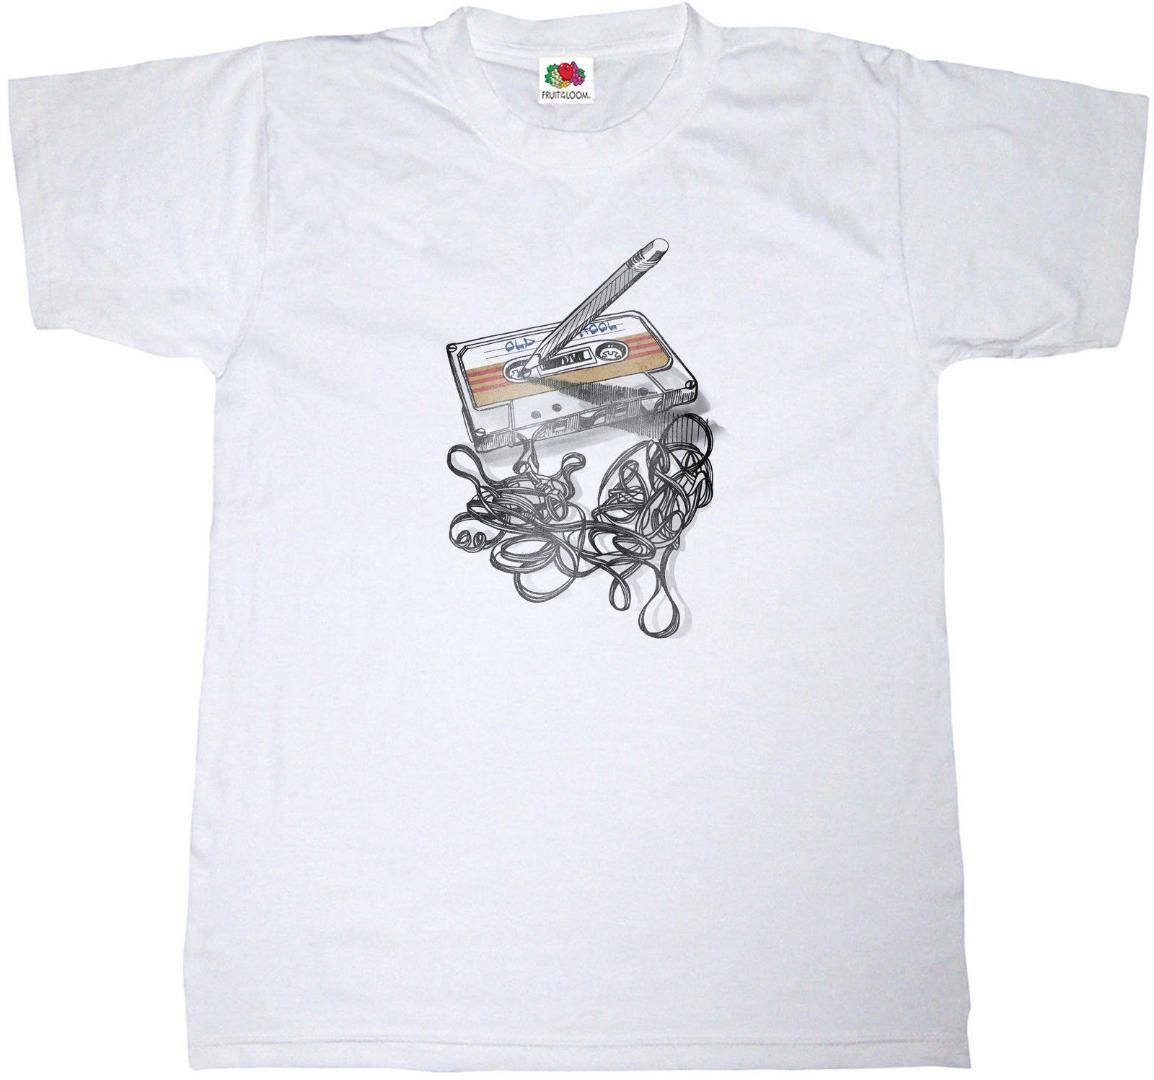 CASSETTE camiseta 100% TEE auge del algodón retro de la música CAJA estéreo de música nueva camisa camisetas divertidas Tops Tops tee Nueva unisex divertidos